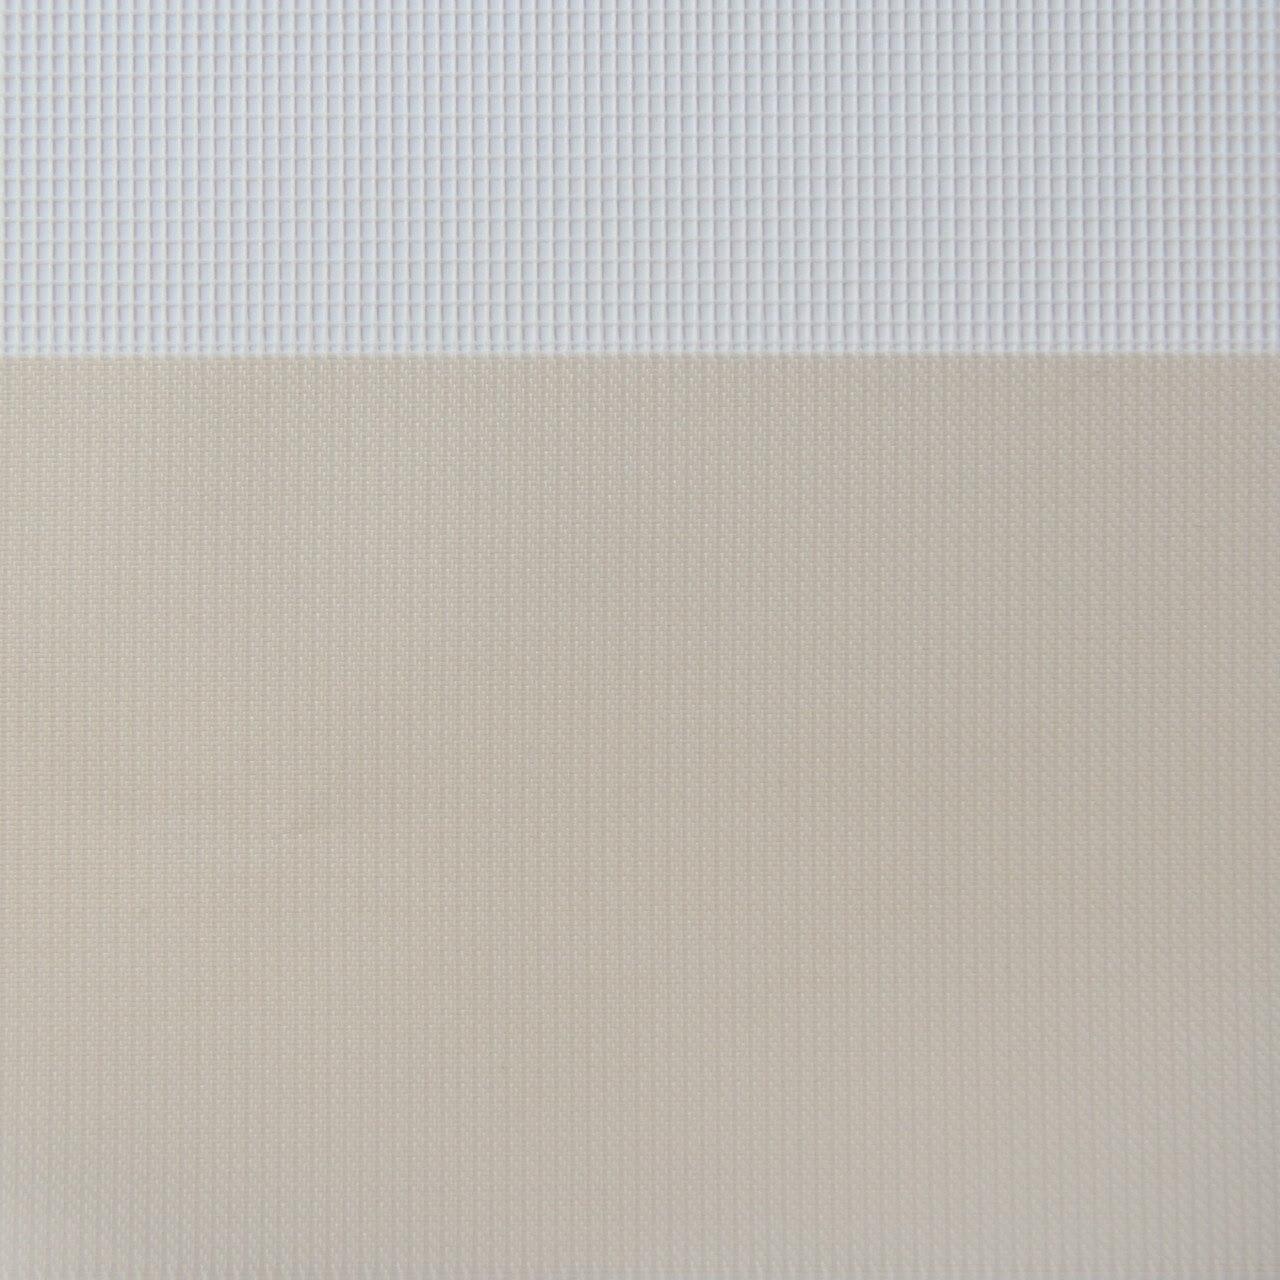 Готовые рулонные шторы Ткань Z-061 Молочный